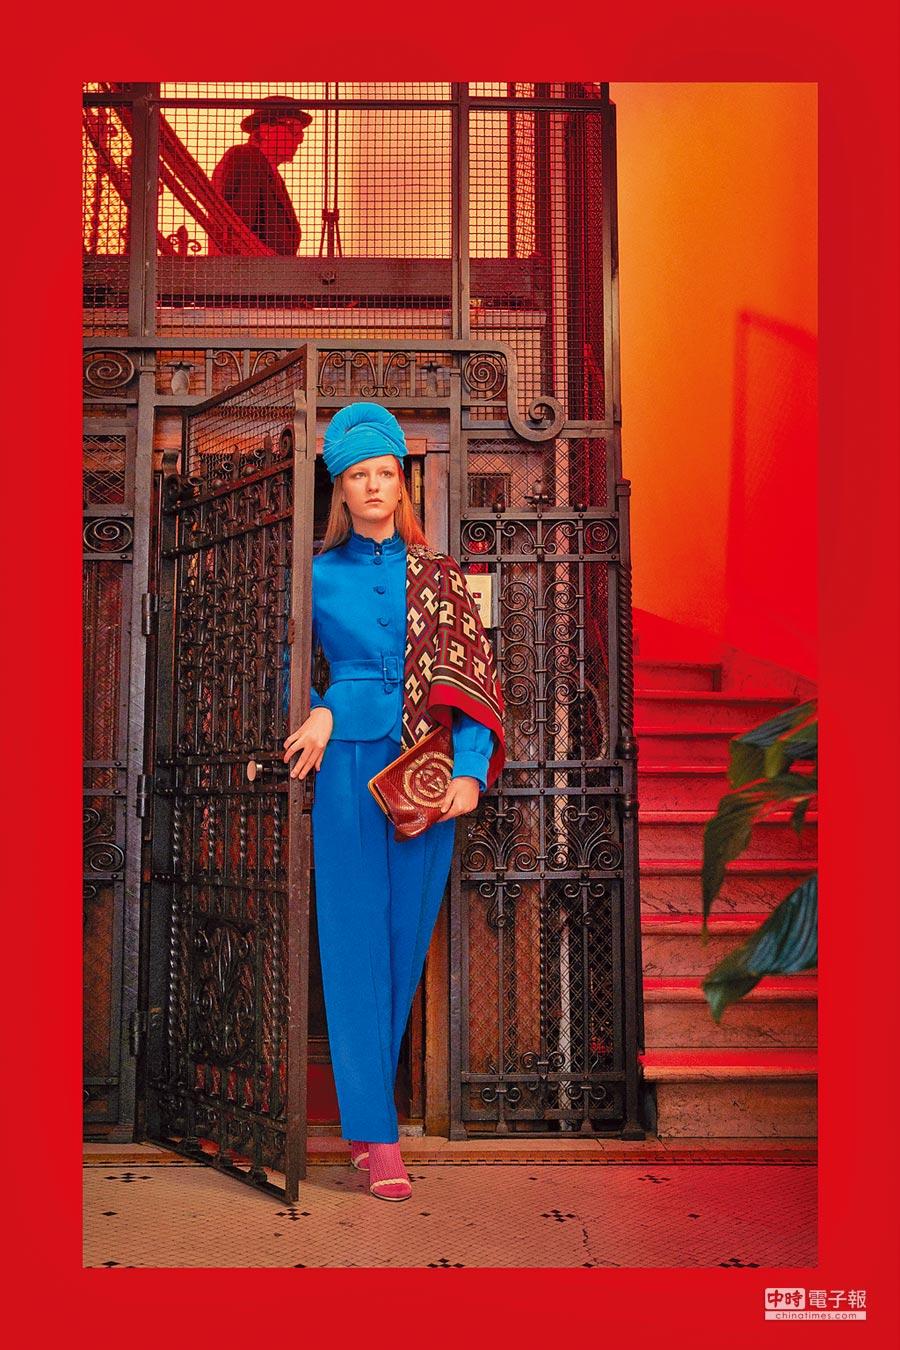 GUCCI早秋系列中,將一襲以70、80年代為輪廓的套裝,披上印滿Logo圖騰的絲巾,揮灑洋溢懷舊氛圍的華麗風格。(GUCCI提供)